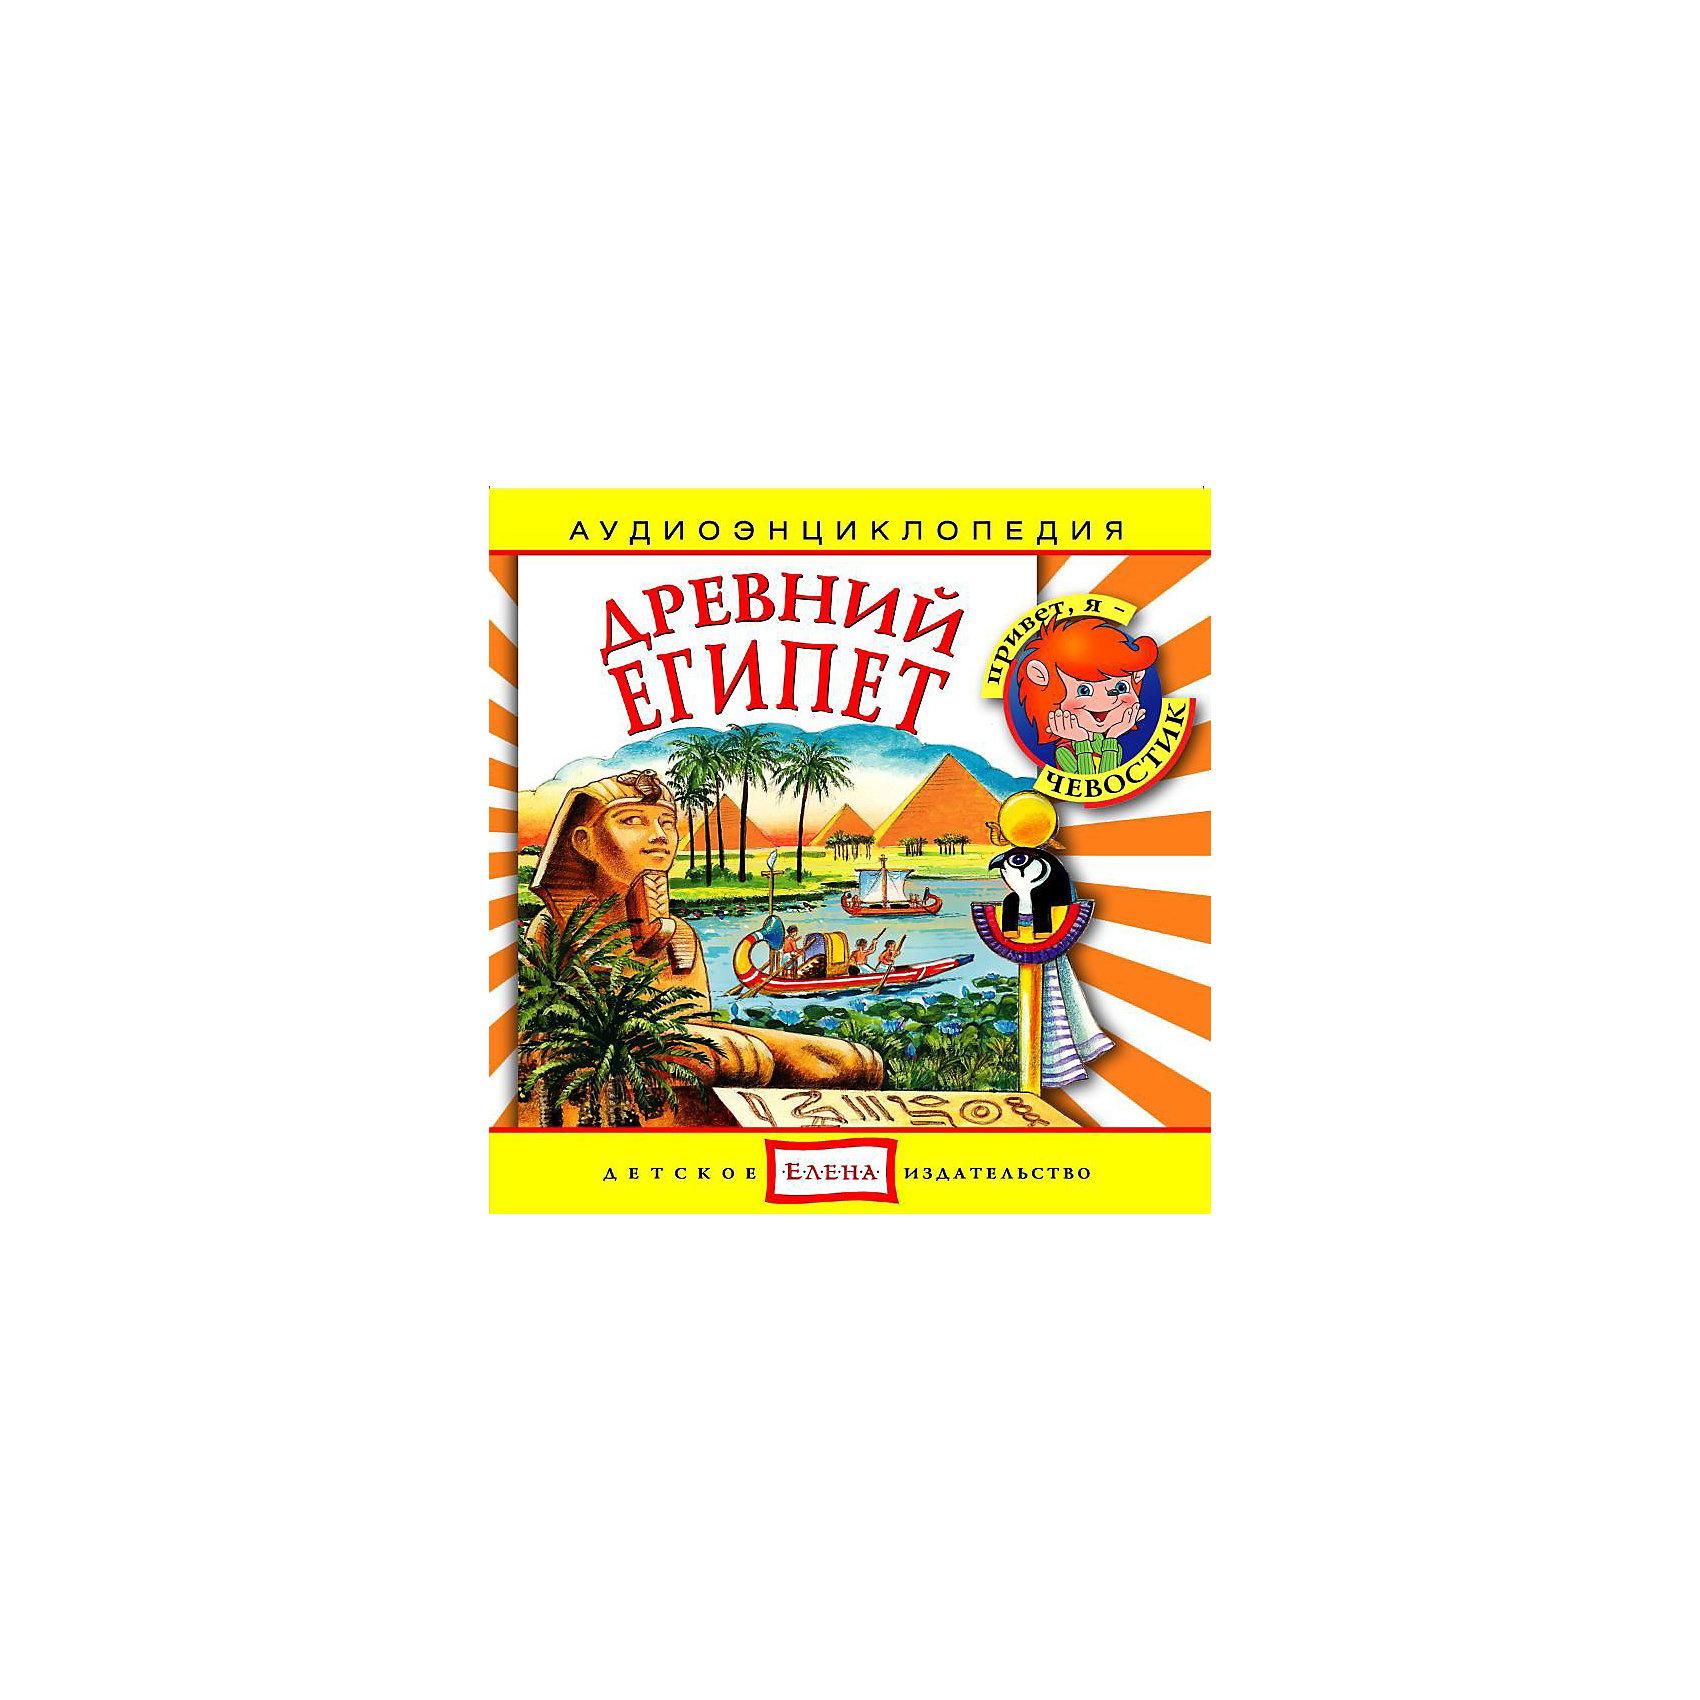 Аудиоэнциклопедия Древний Египет, CDДетское издательство Елена<br>Веселый музыкальный спектакль Древний Египет, CD перенесет маленьких слушателей в глубокую древность. Ребята побывают в удивительной стране, где живут фараоны, высятся пирамиды, у дороги расположился сказочный страж-Сфинкс, а вдоль берегов великой реки тянутся заросли папируса и благоухают цветы голубого лотоса.<br>Аудиоспектакль озвучивают настоящие актёры, которым без труда удастся заинтересовать ребёнка своим рассказом. Малыш услышит грамотную, выразительную, хорошо поставленную речь, это научит ребёнка правильно говорить. Текст в аудиокниге сопровождается фоновой музыкой и звуками, которые оживят образы героев аудиокниги и привлекут внимание к рассказу.<br><br>Дополнительная информация:<br><br>- Содержание:<br>1. Вступительная песенка  1:26 <br>2. Путешествие начинается  5:35 <br>3. На берегу великой реки  2:30 <br>4. Пирамида Хеопса  1:54 <br>5. Загадочный Сфинкс  3:34 <br>6. Как строили пирамиды  5:19 <br>7. Кто такой фараон  5:20 <br>8. В древнем Мемфисе  3:34 <br>9. Новый Год в Древнем Египте  4:24 <br>10. Сезоны древнеегипетского года  4:05 <br>11. Нашествие гиксосов  3:54 <br>12. Плывём по Нилу. Лотос  1:38 <br>13. Замечательный папирус  3:26 <br>14. В школе. Иероглифы  5:05 <br>15. За столом. Домашние питомцы  4:56 <br>16. Сад и огород  2:59 <br>17. Важная работа писцов  1:49 <br>18. Дамбы и каналы. Чиновники  3:59 <br>19. Сезон пахоты и посевов  3:50 <br>20. Вот мы и дома!  0:48 <br>21. До новых встреч! Заключительная песенка  1:09<br><br>- Формат диска: CD;<br>- Размер: 142 x 125 мм;<br>- Вес: 80 г<br><br>Диск Древний Египет, CD можно купить в нашем интернет-магазине.<br><br>Ширина мм: 142<br>Глубина мм: 10<br>Высота мм: 125<br>Вес г: 79<br>Возраст от месяцев: 60<br>Возраст до месяцев: 144<br>Пол: Унисекс<br>Возраст: Детский<br>SKU: 3593128